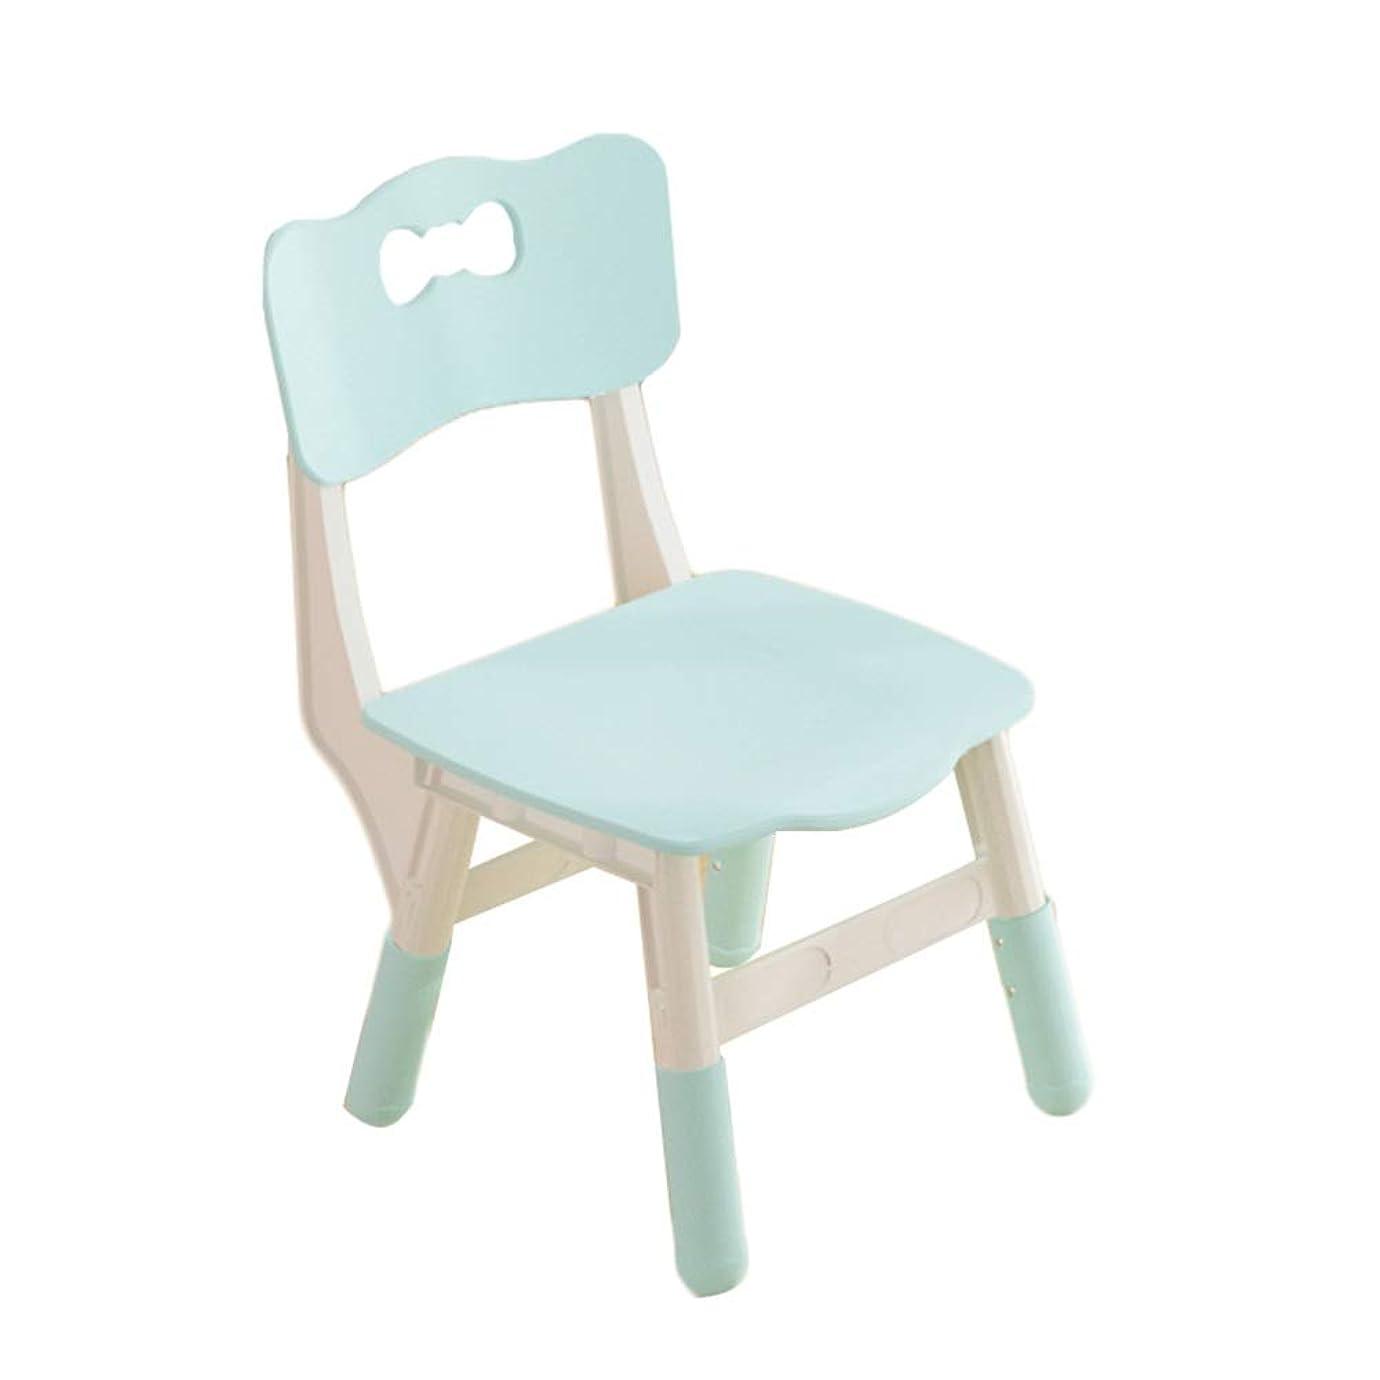 ヘルメットモロニックソブリケットCHAXIA 子ども用テーブル 椅子セット 子供用おもちゃのテーブル チェアー セット えんどう スタディテーブル 調節可能な高さ 座位姿勢の矯正 耐久性 強いベアリング、 2色 (Color : Blue, Size : B)